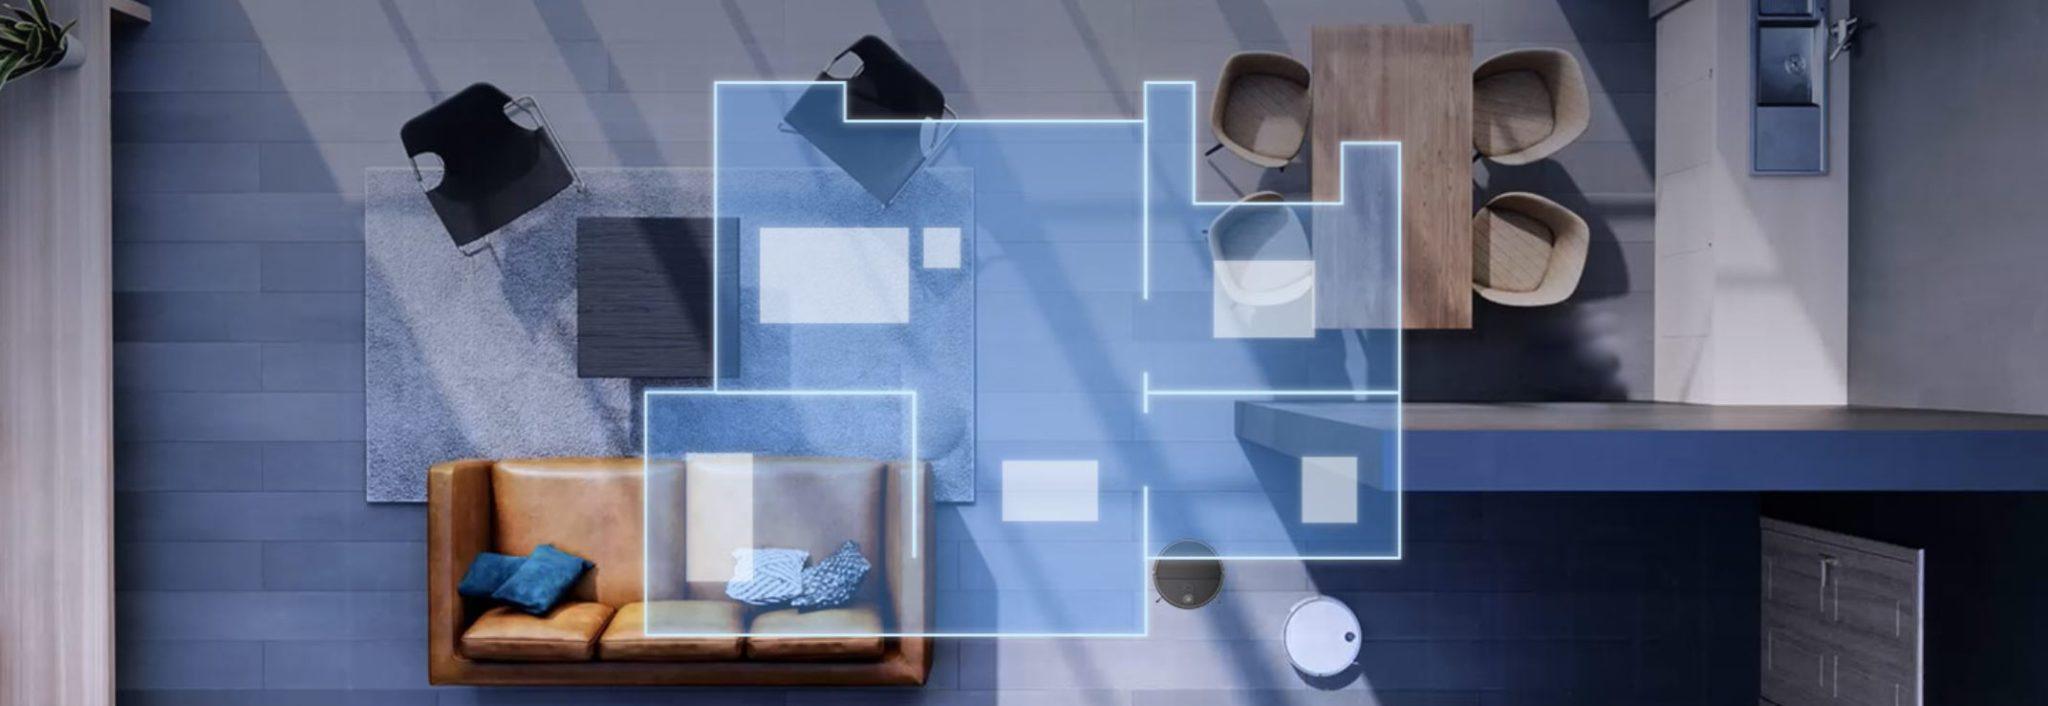 360 S10 - nowy robot sprzątający na rynku - mapowanie